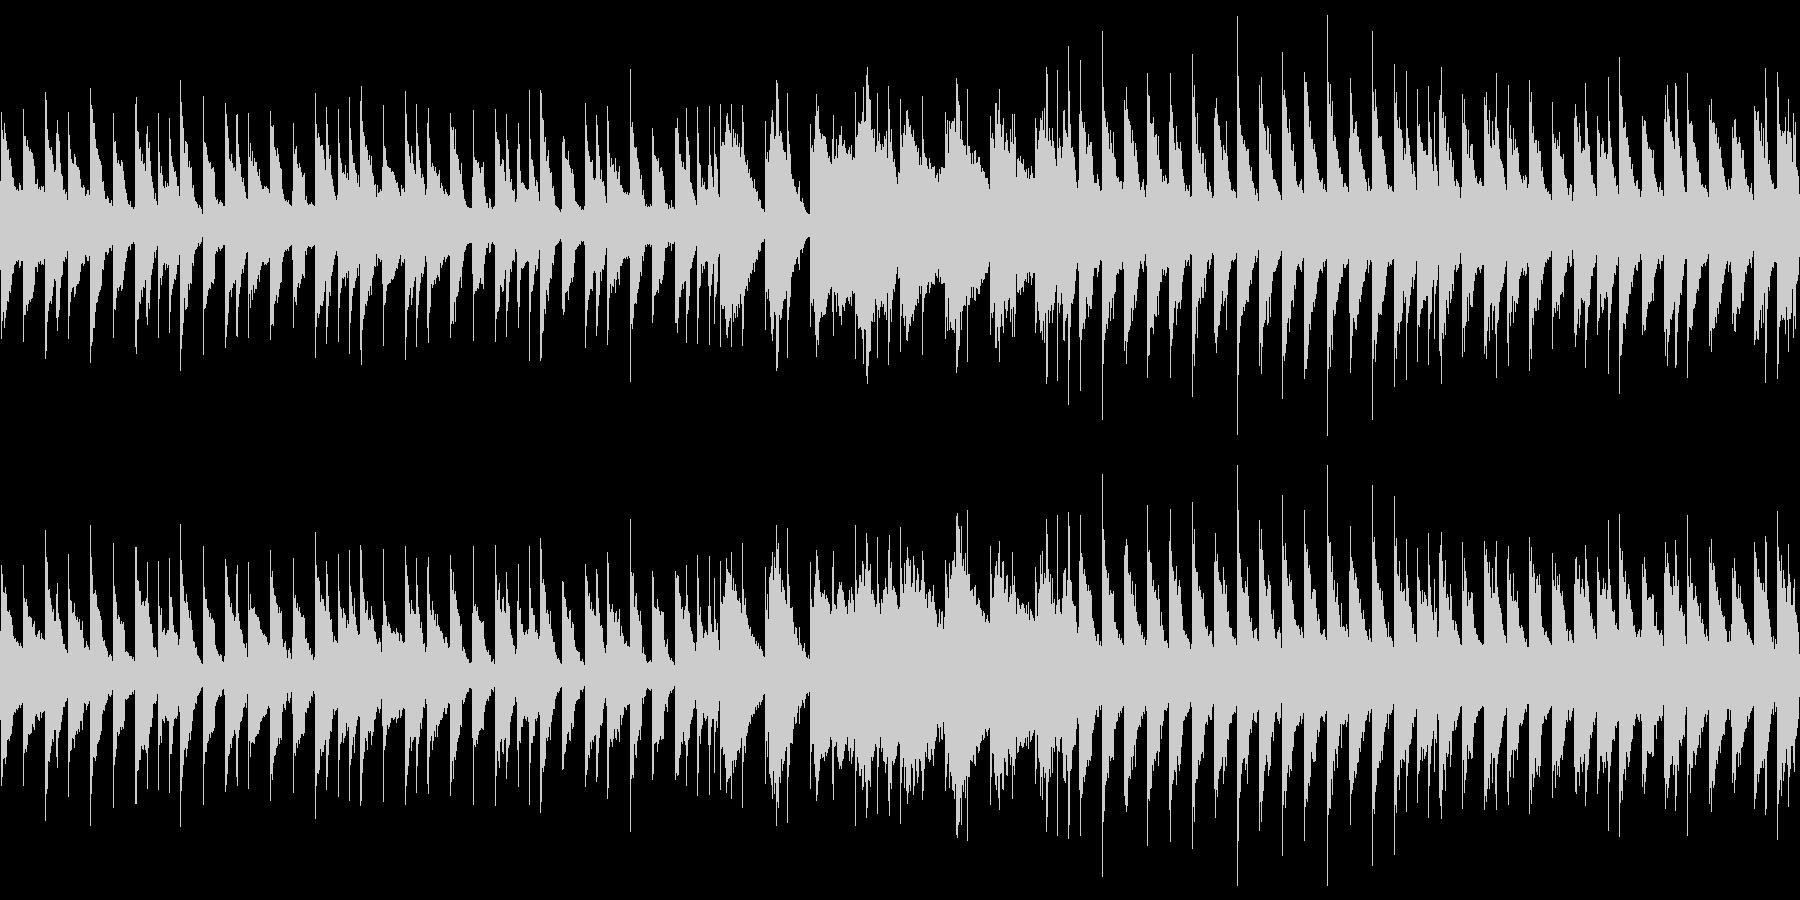 暗い雰囲気のチップチューンサウンドの未再生の波形